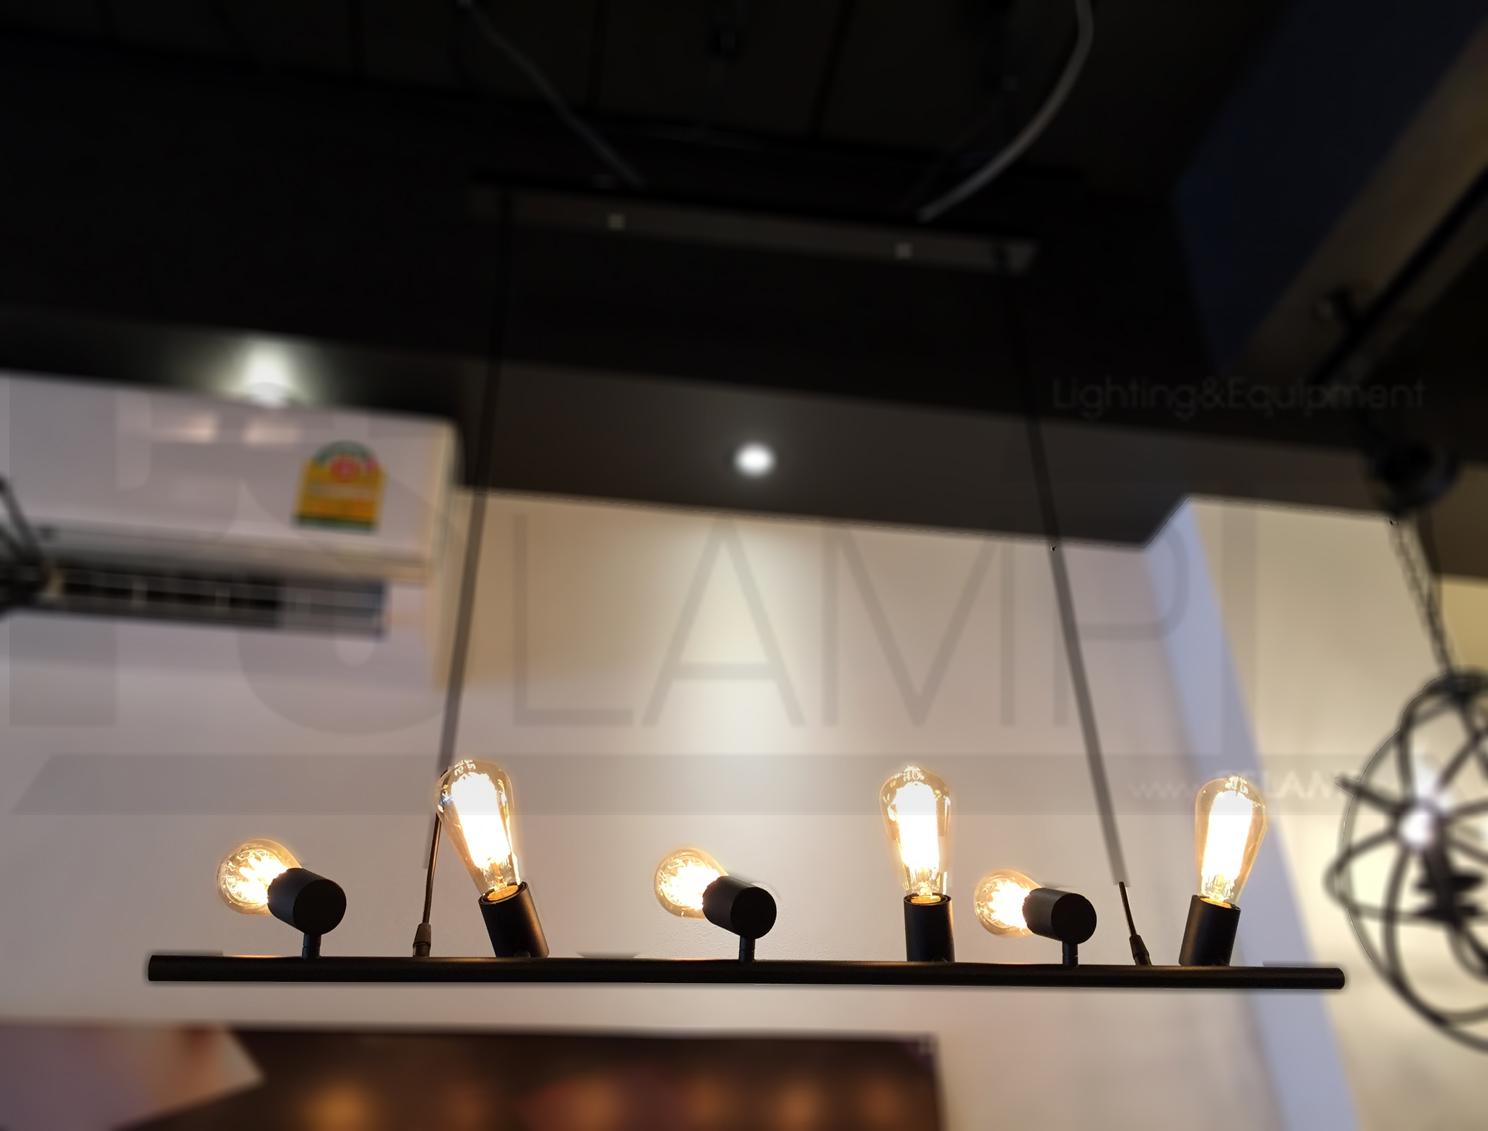 โคมไฟวินเทจ-ขายโคมไฟ-ร้านขายโคมไฟ-โคมไฟโมเดิร์น-โคมไฟ-Loft-DBAR